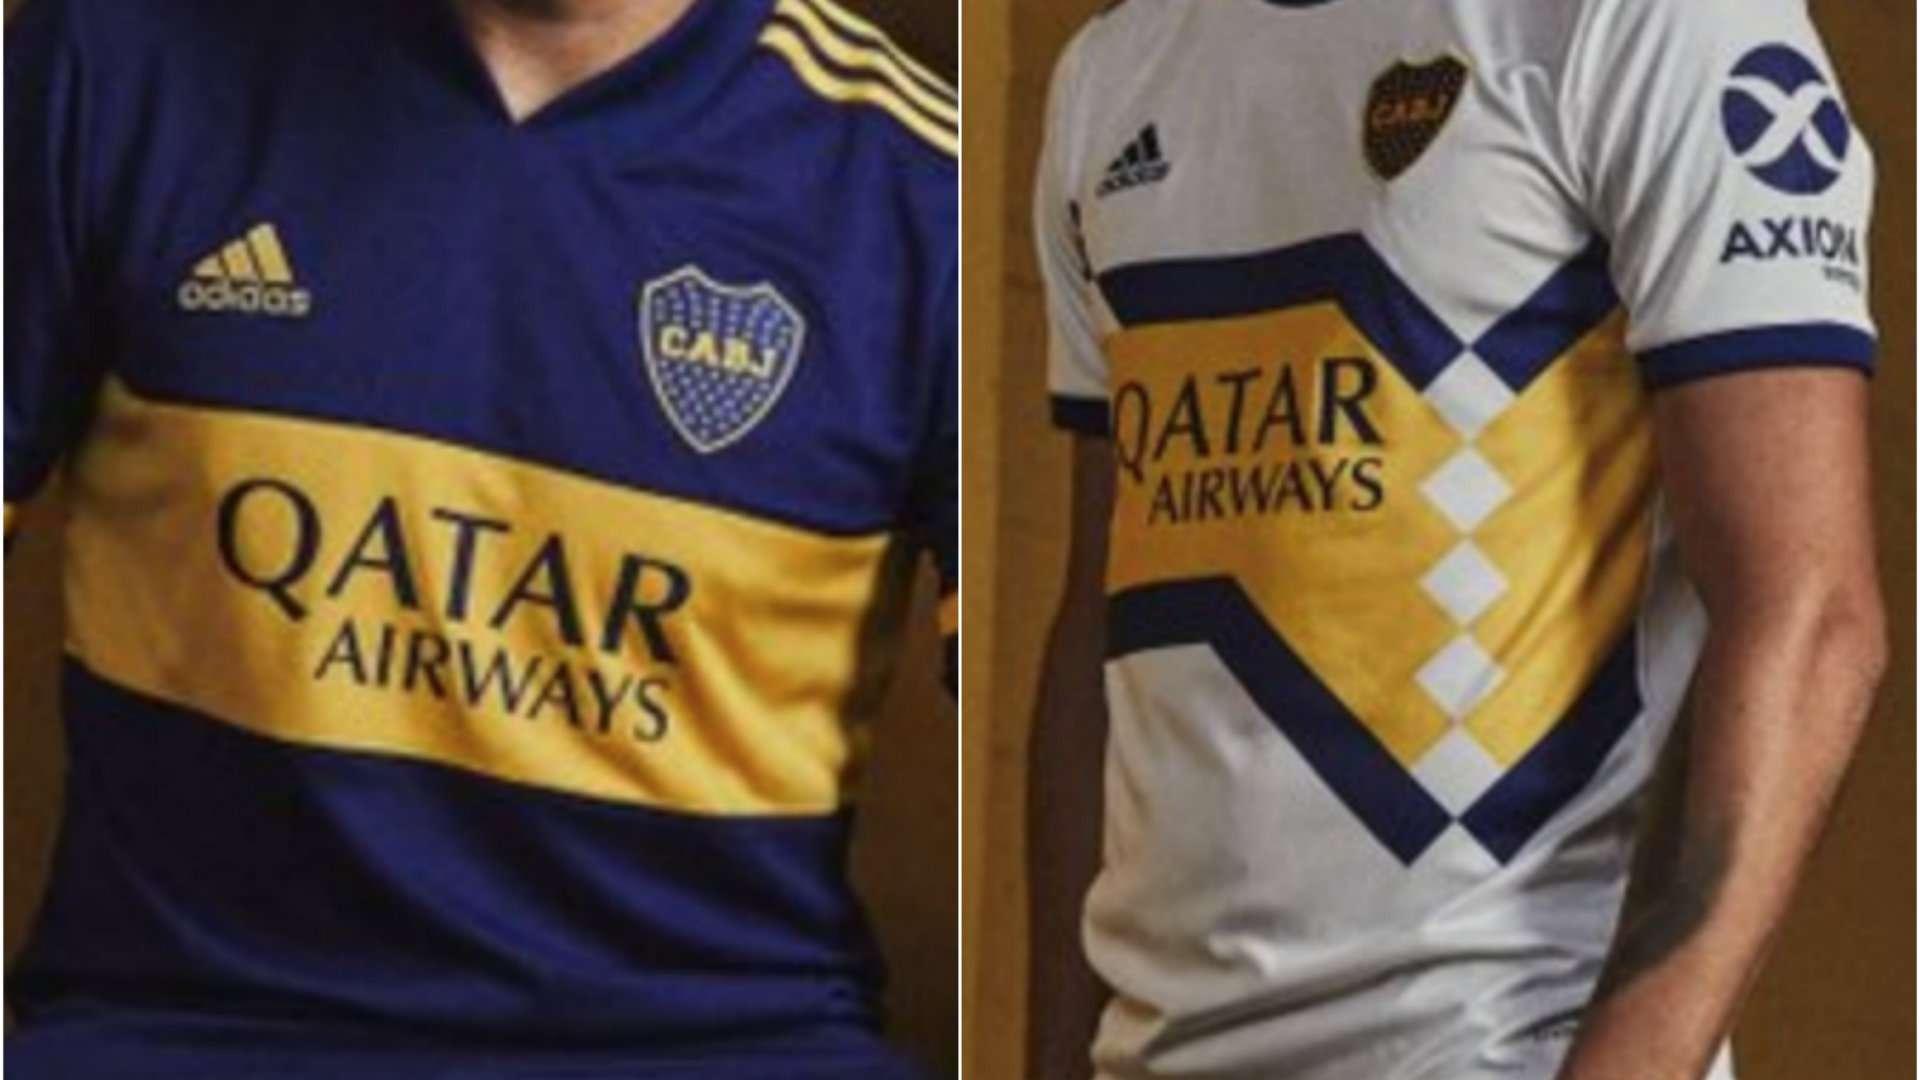 Encantada de conocerte Notable Avenida  Camiseta de Boca Adidas 2020: cuándo sale a la venta y cuánto cuesta |  Goal.com